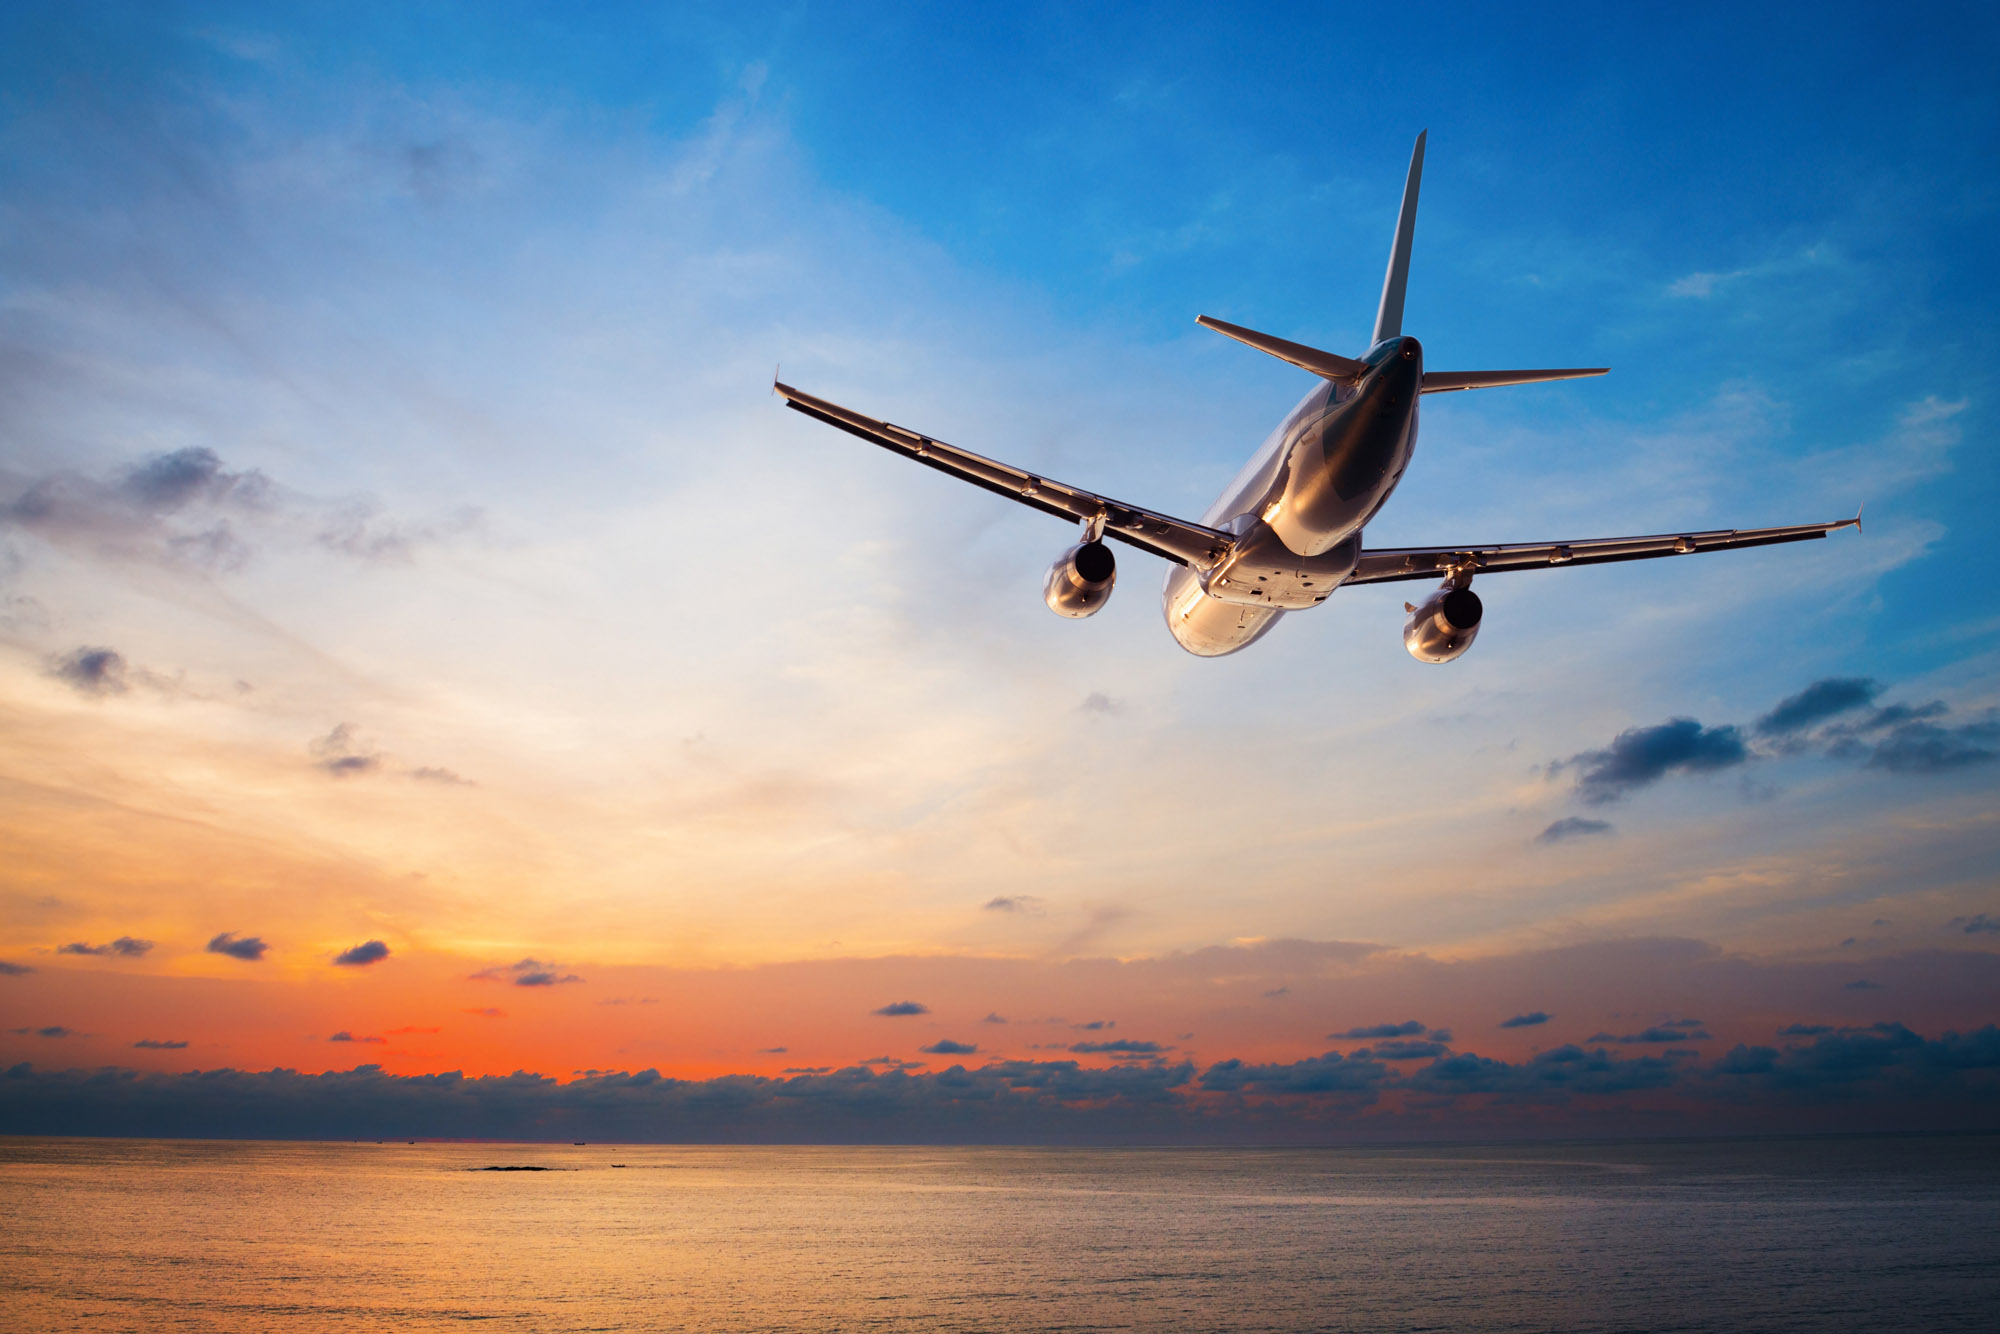 Компания Emirates намерена открыть регулярное авиасообщение между ОАЭ и Казахстаном